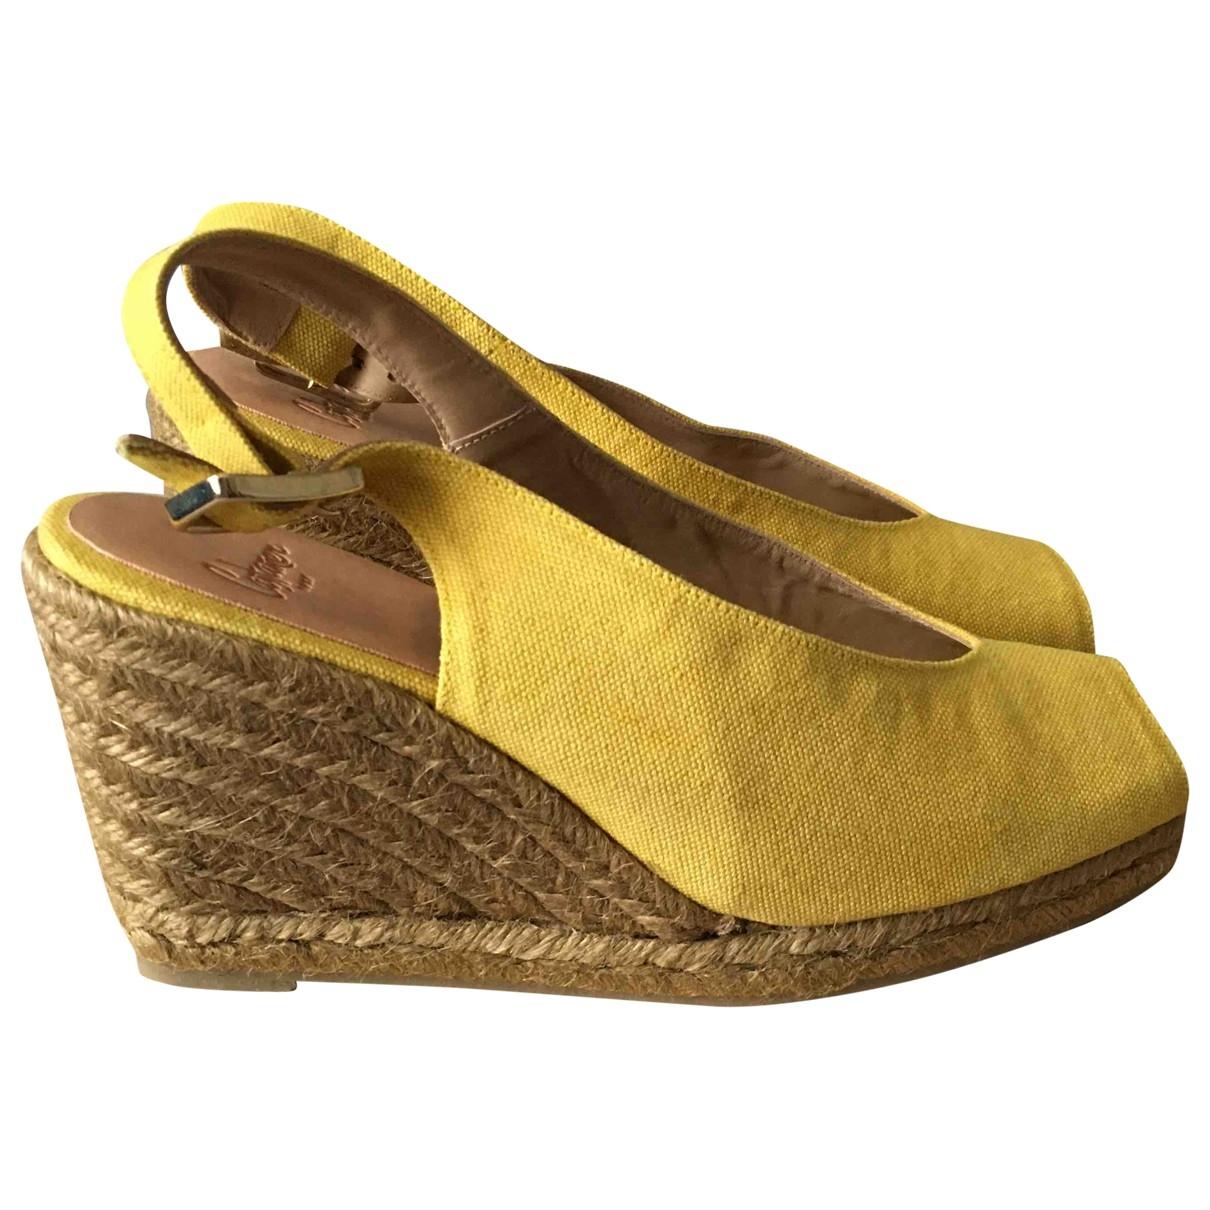 Castaner - Sandales   pour femme en toile - jaune